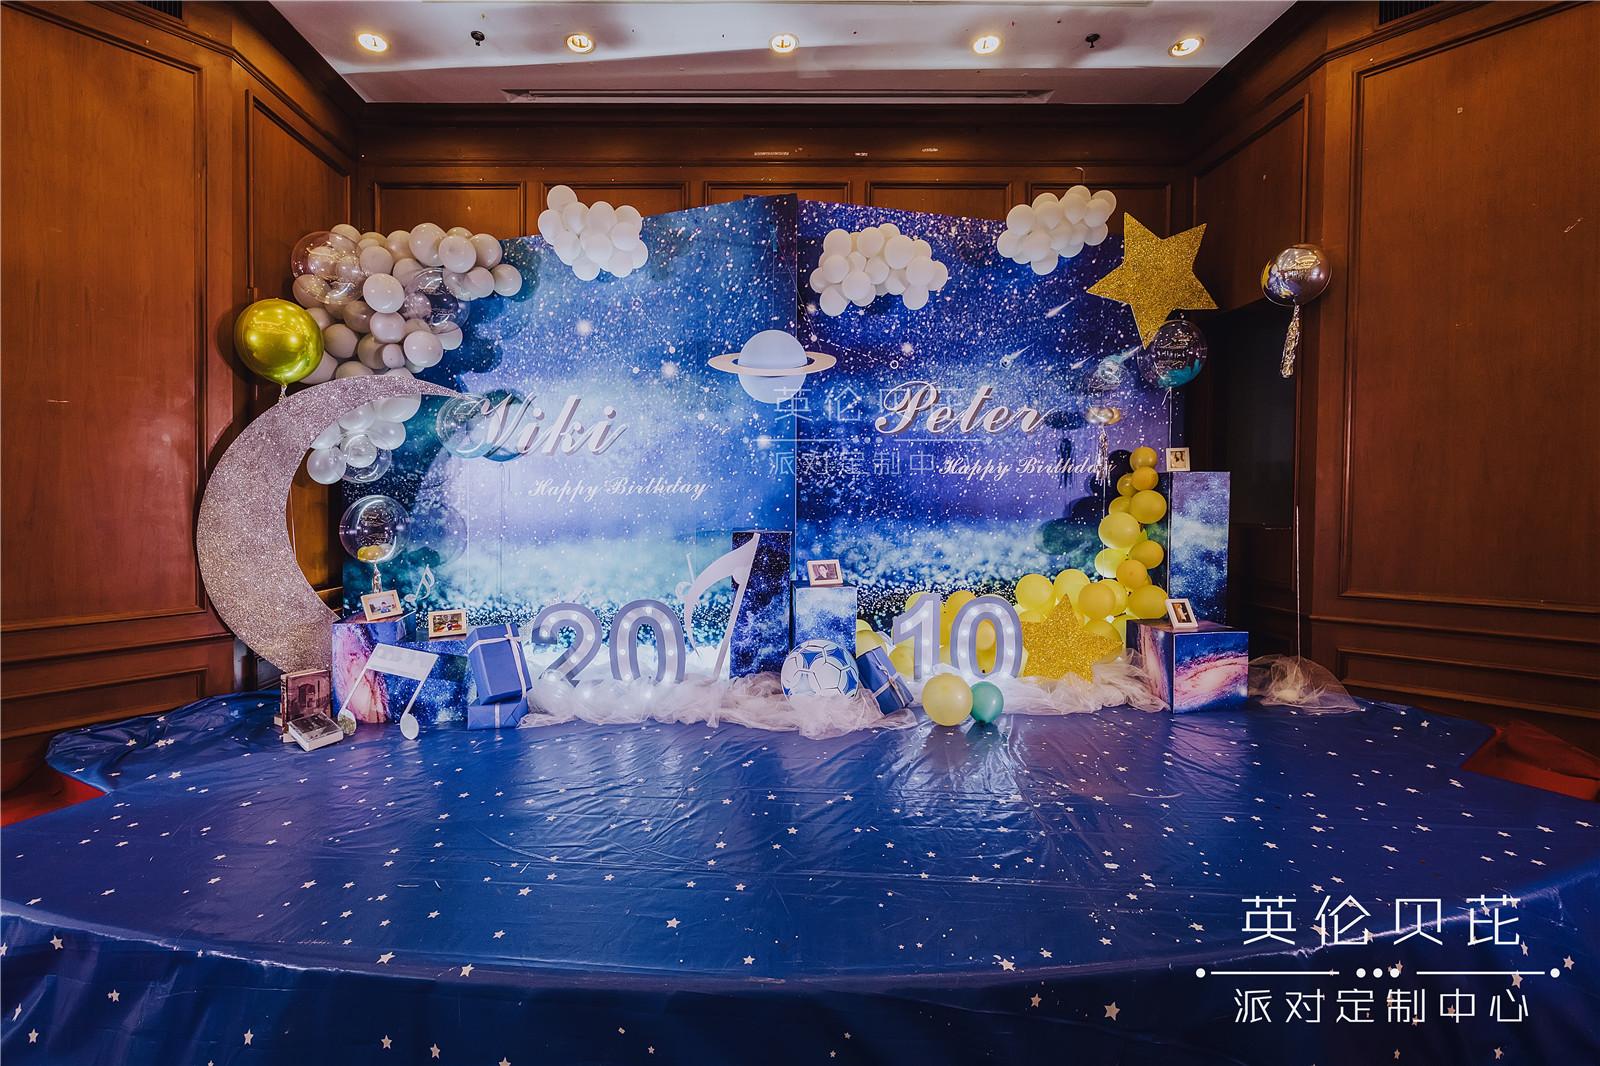 STAR生日会 l 上海宝隆花园酒店